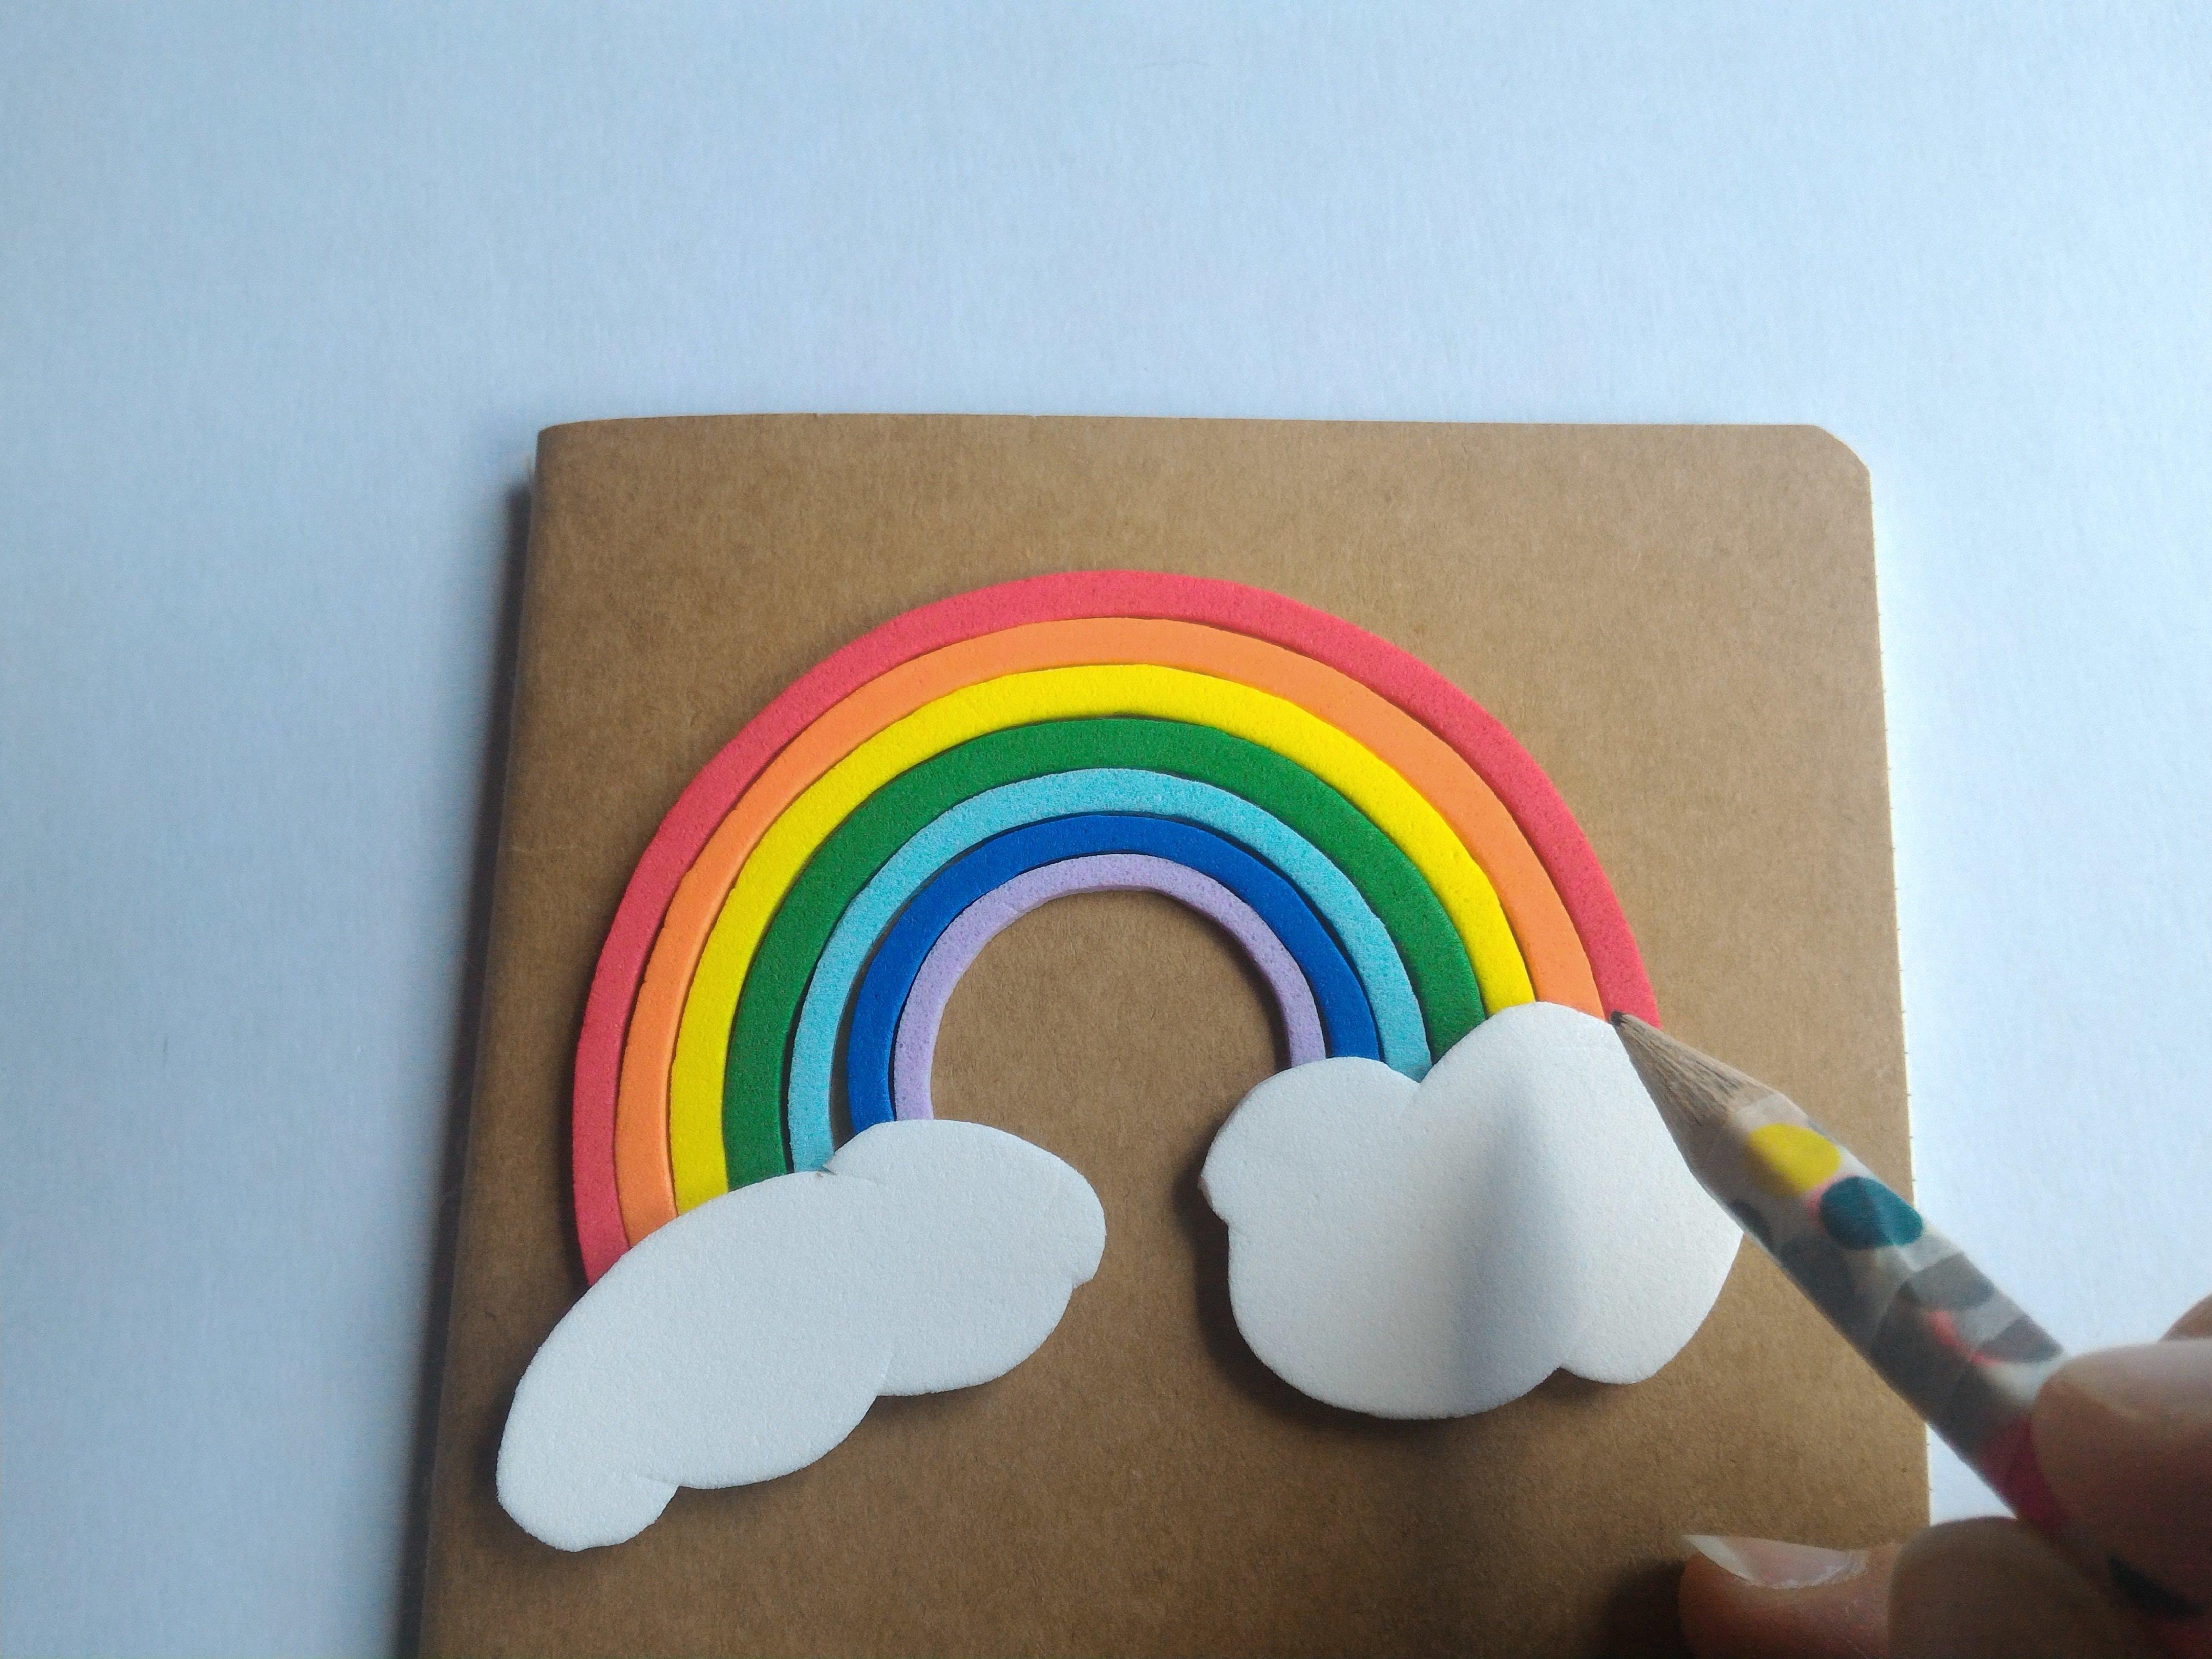 11 oam ouiareclafc rainbow chagaz et vous